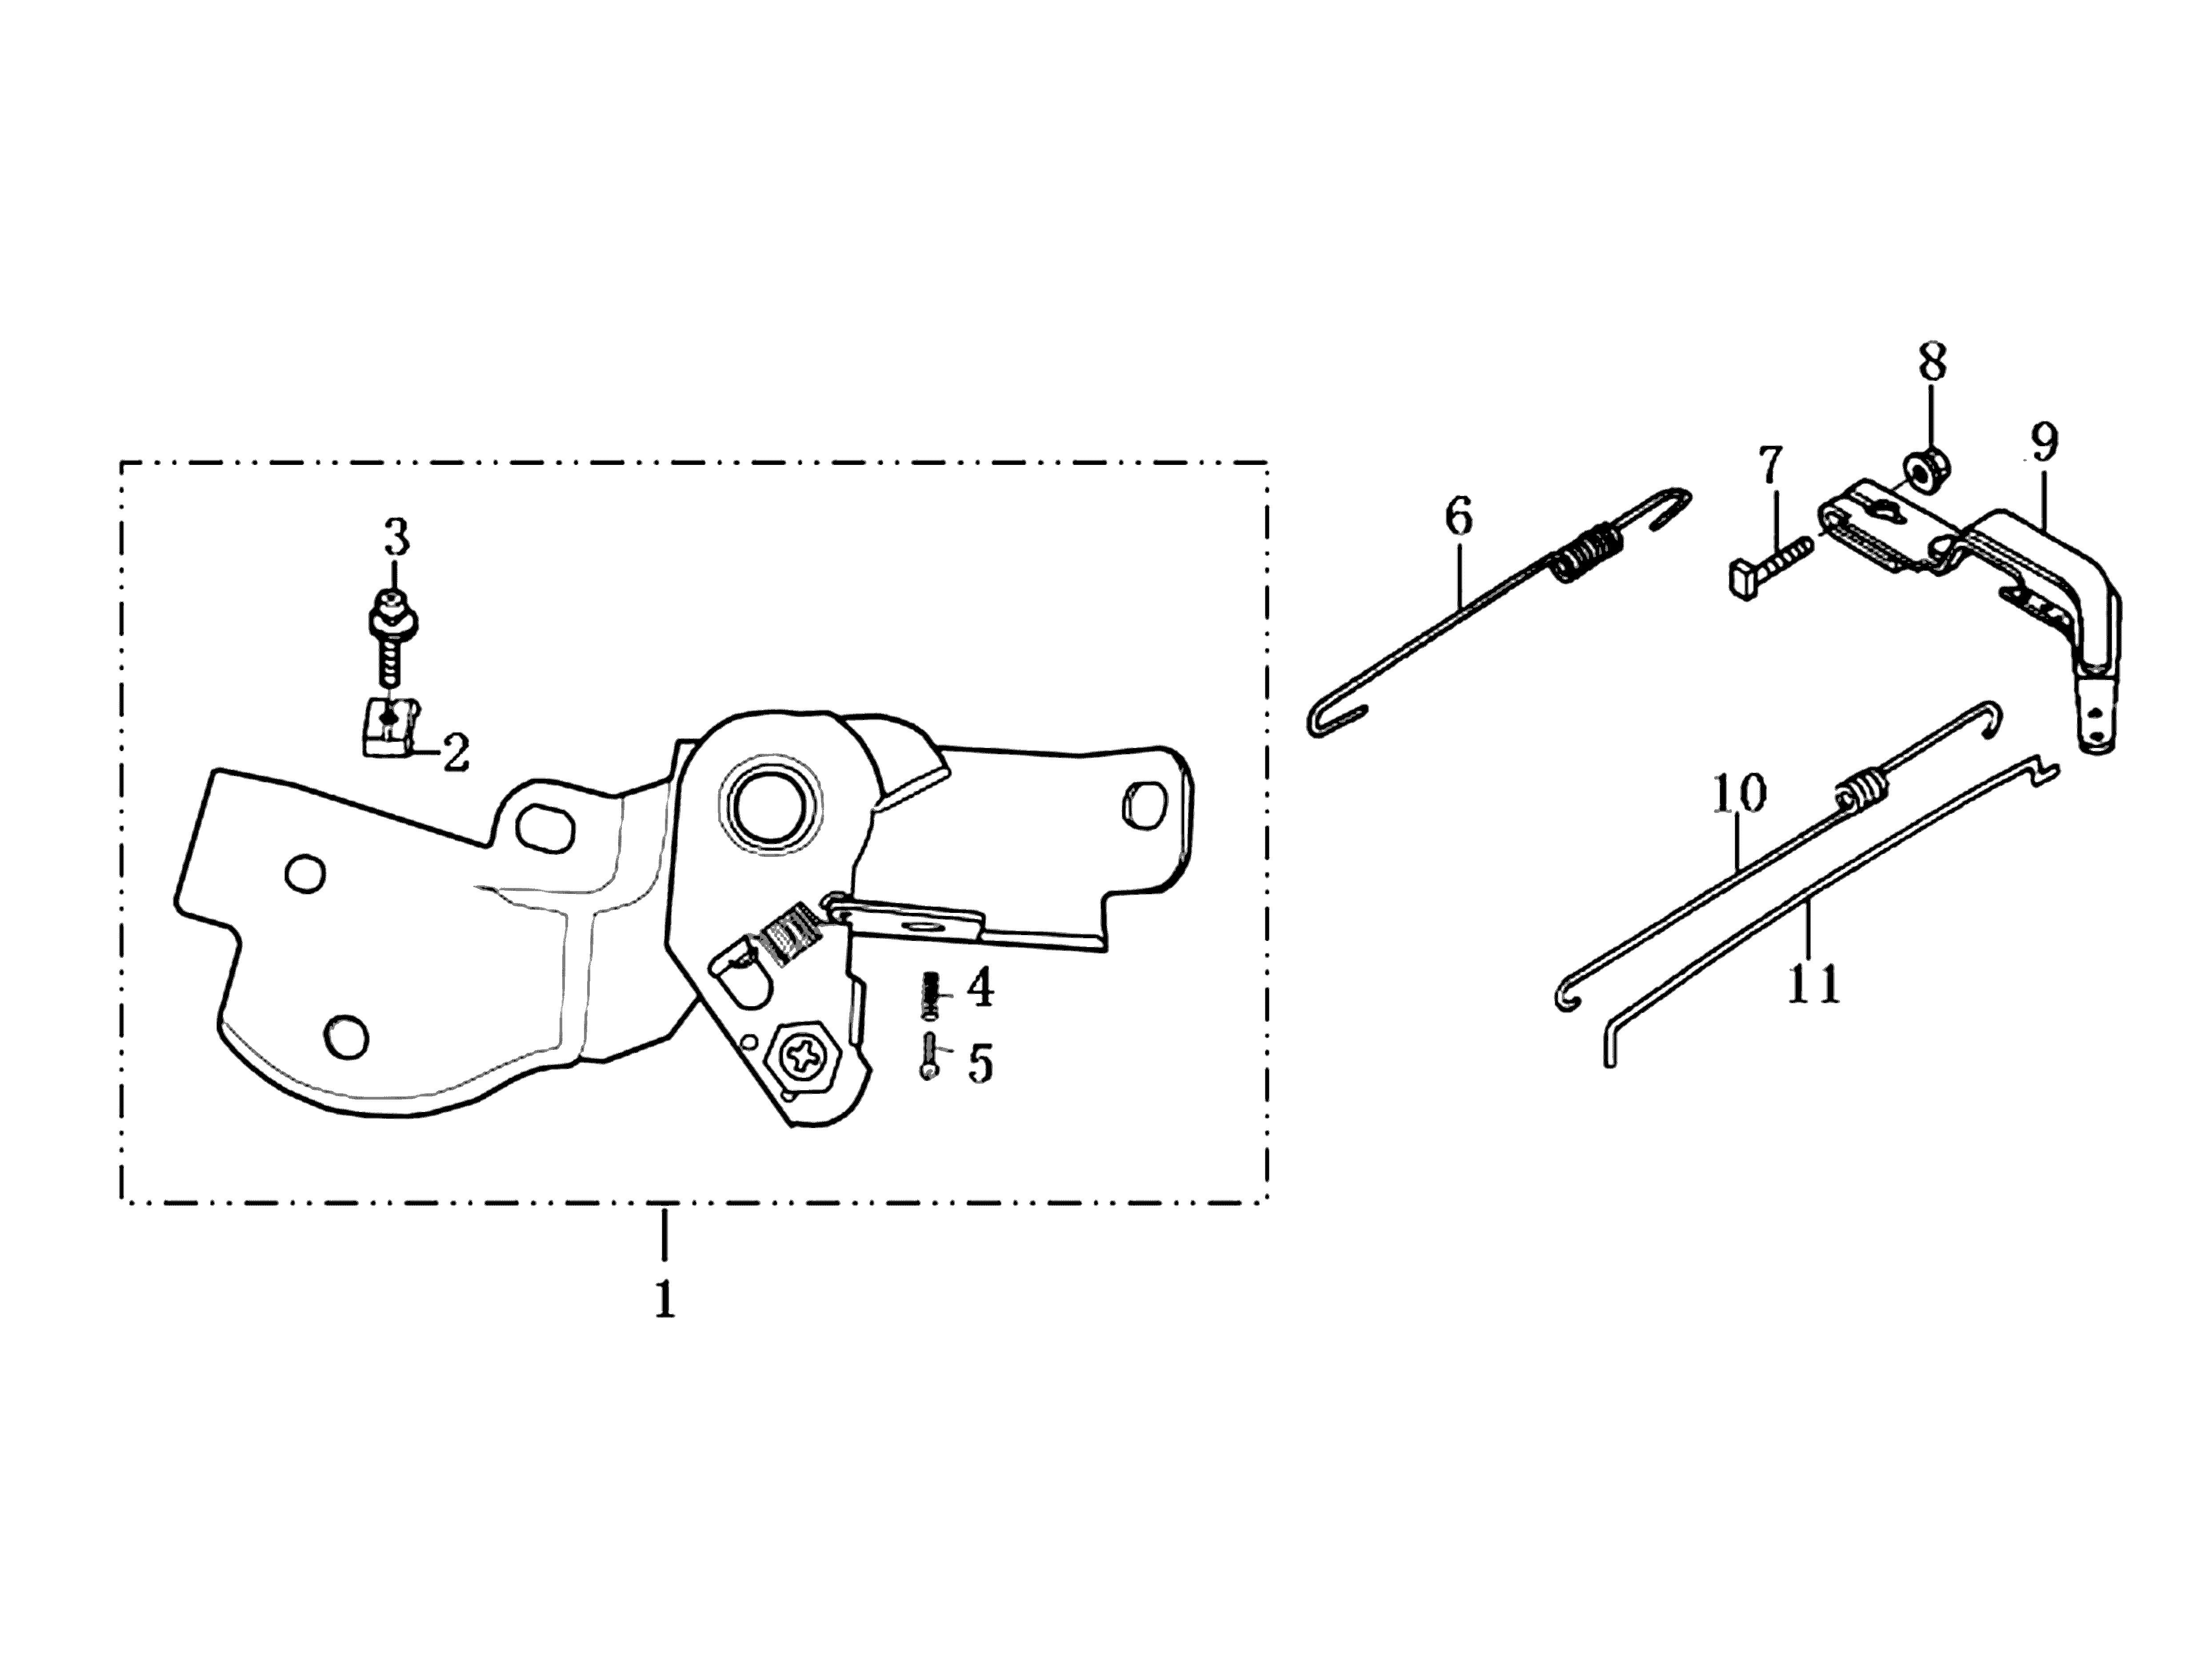 MH 180R - MH 180RK (K700 H) (EN709) Motobineuse oleomac Dessins pièces vue écltée Levier complète